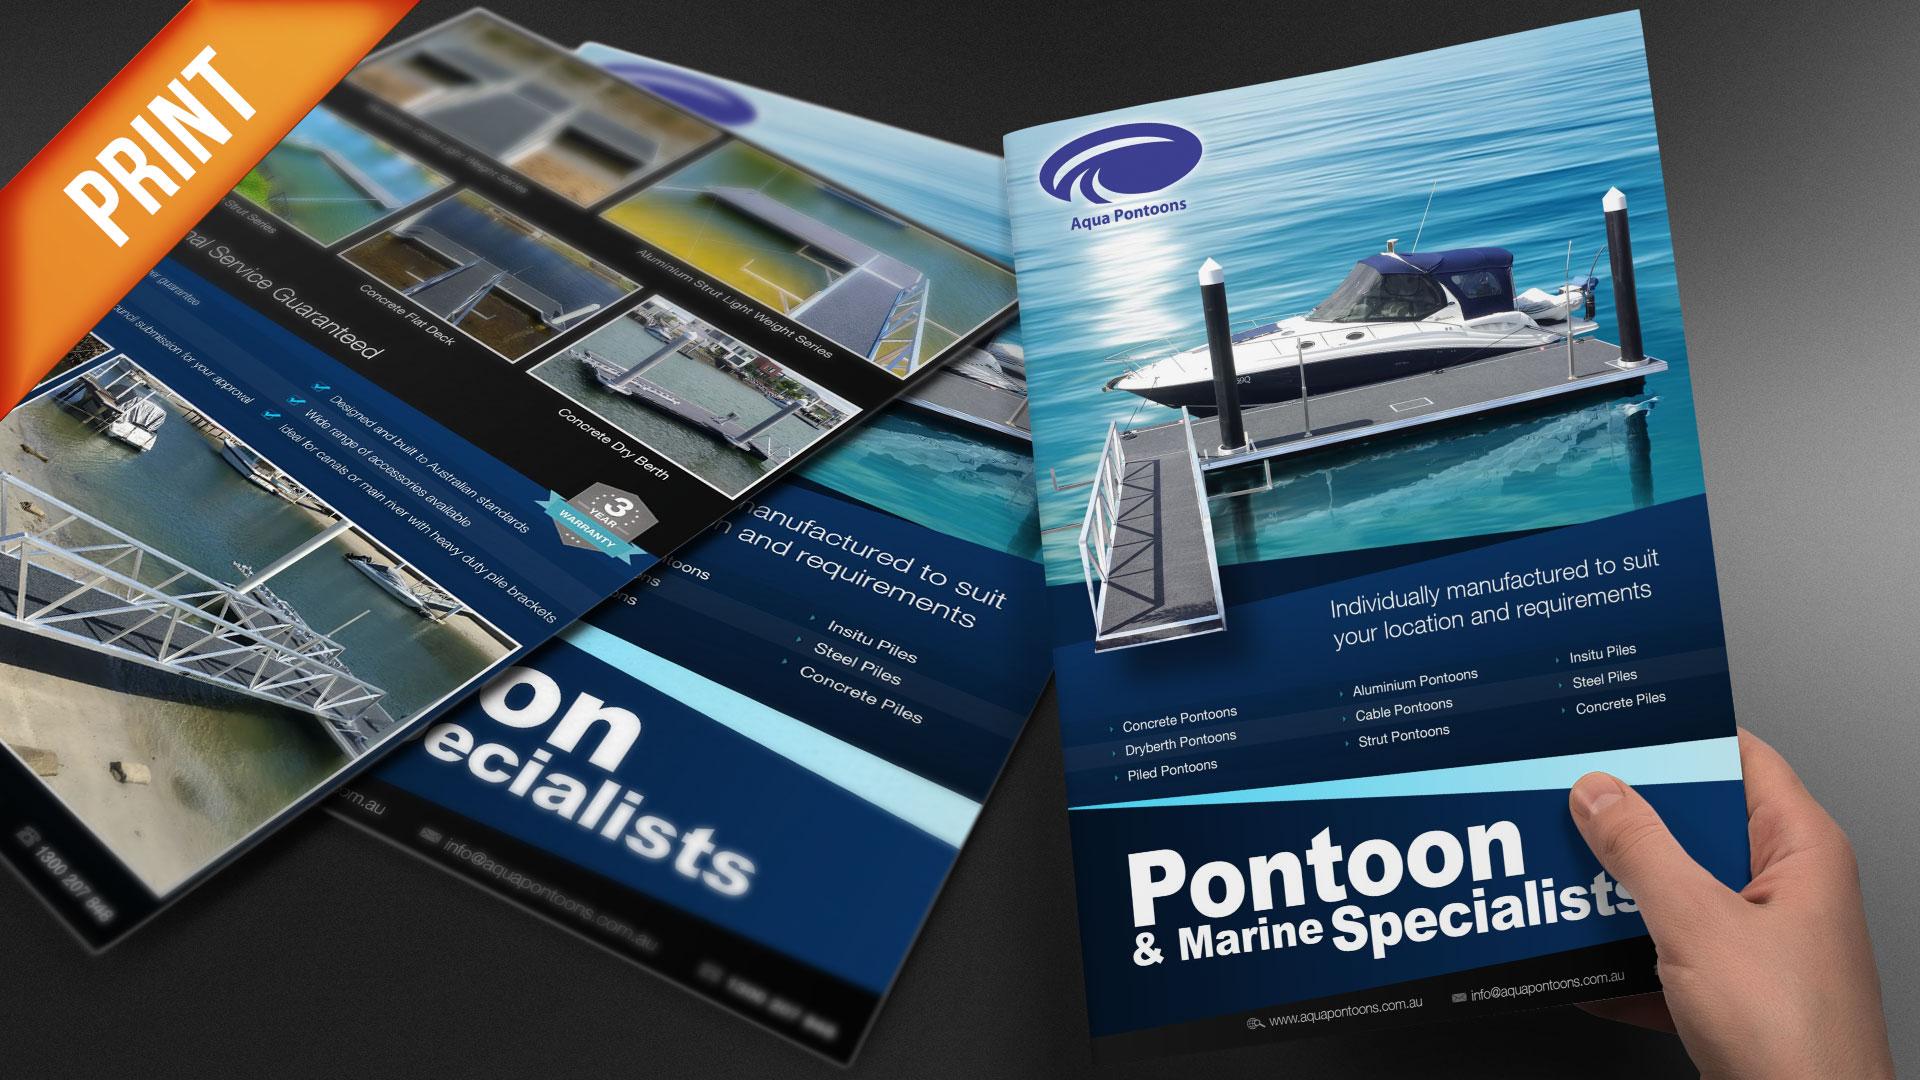 Print-Aqua-Pontoons-A4-Brochure